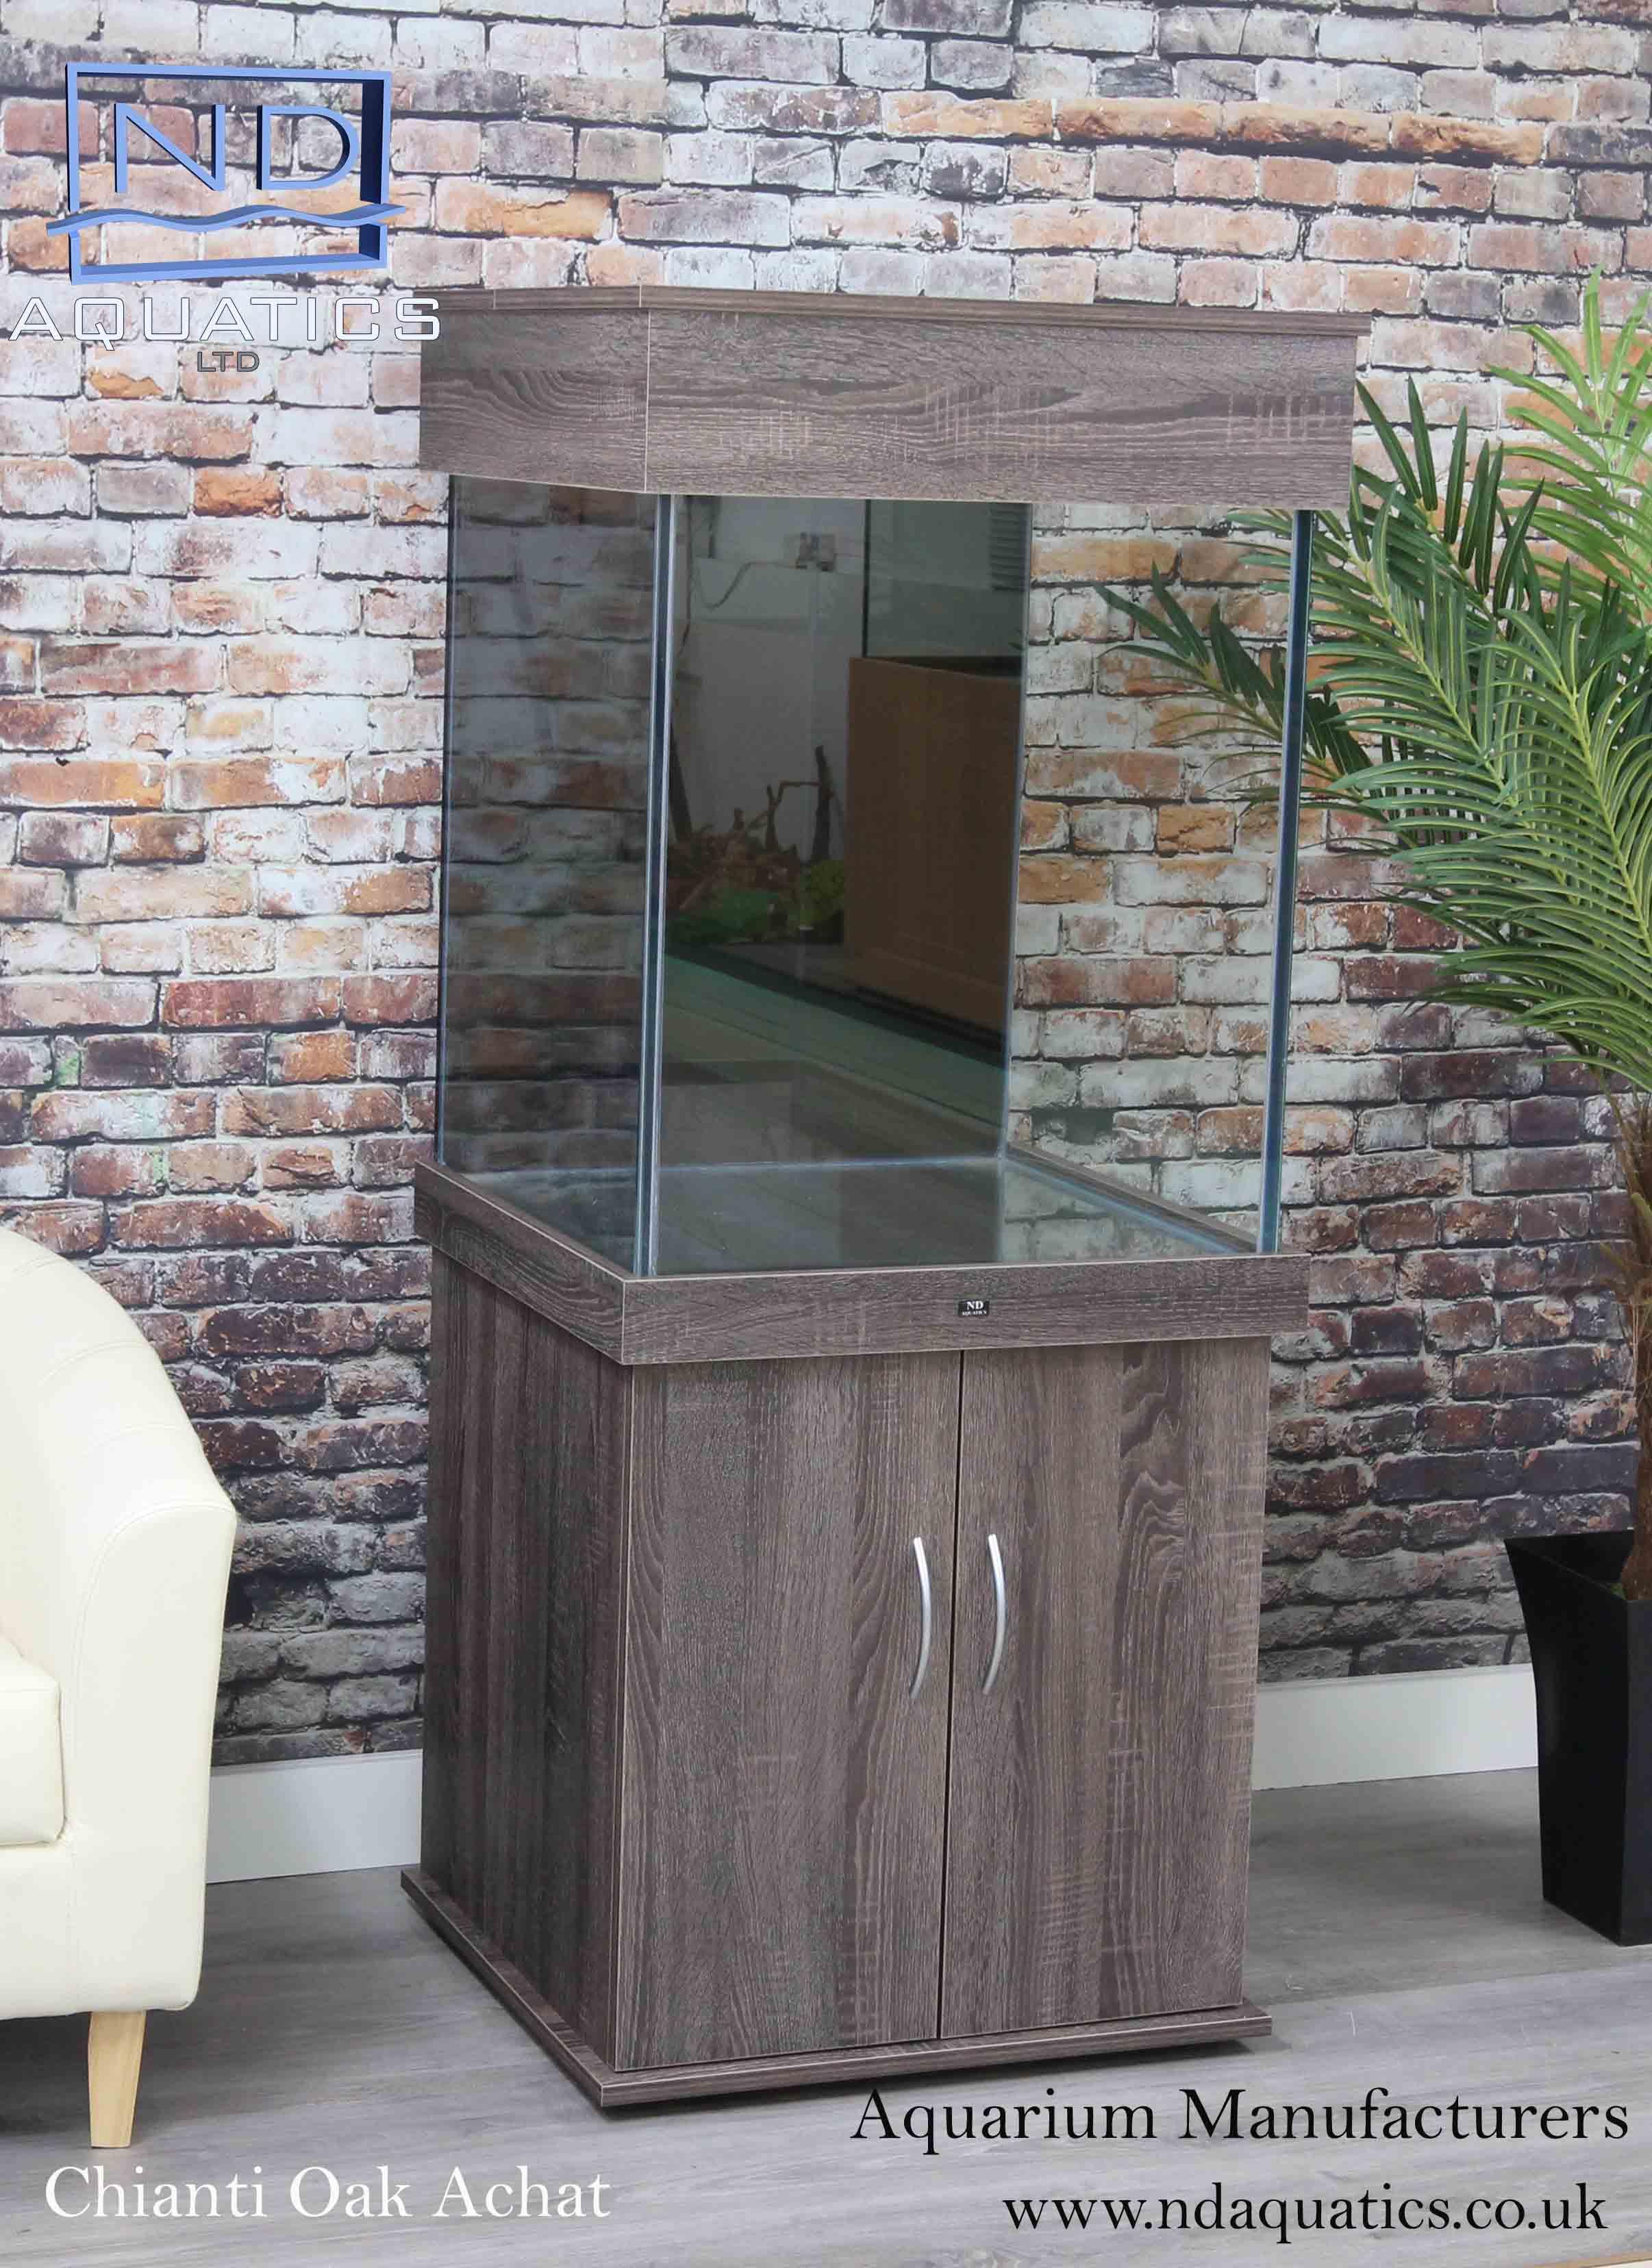 24x30x24_Tropical_Chianti Oak Achat